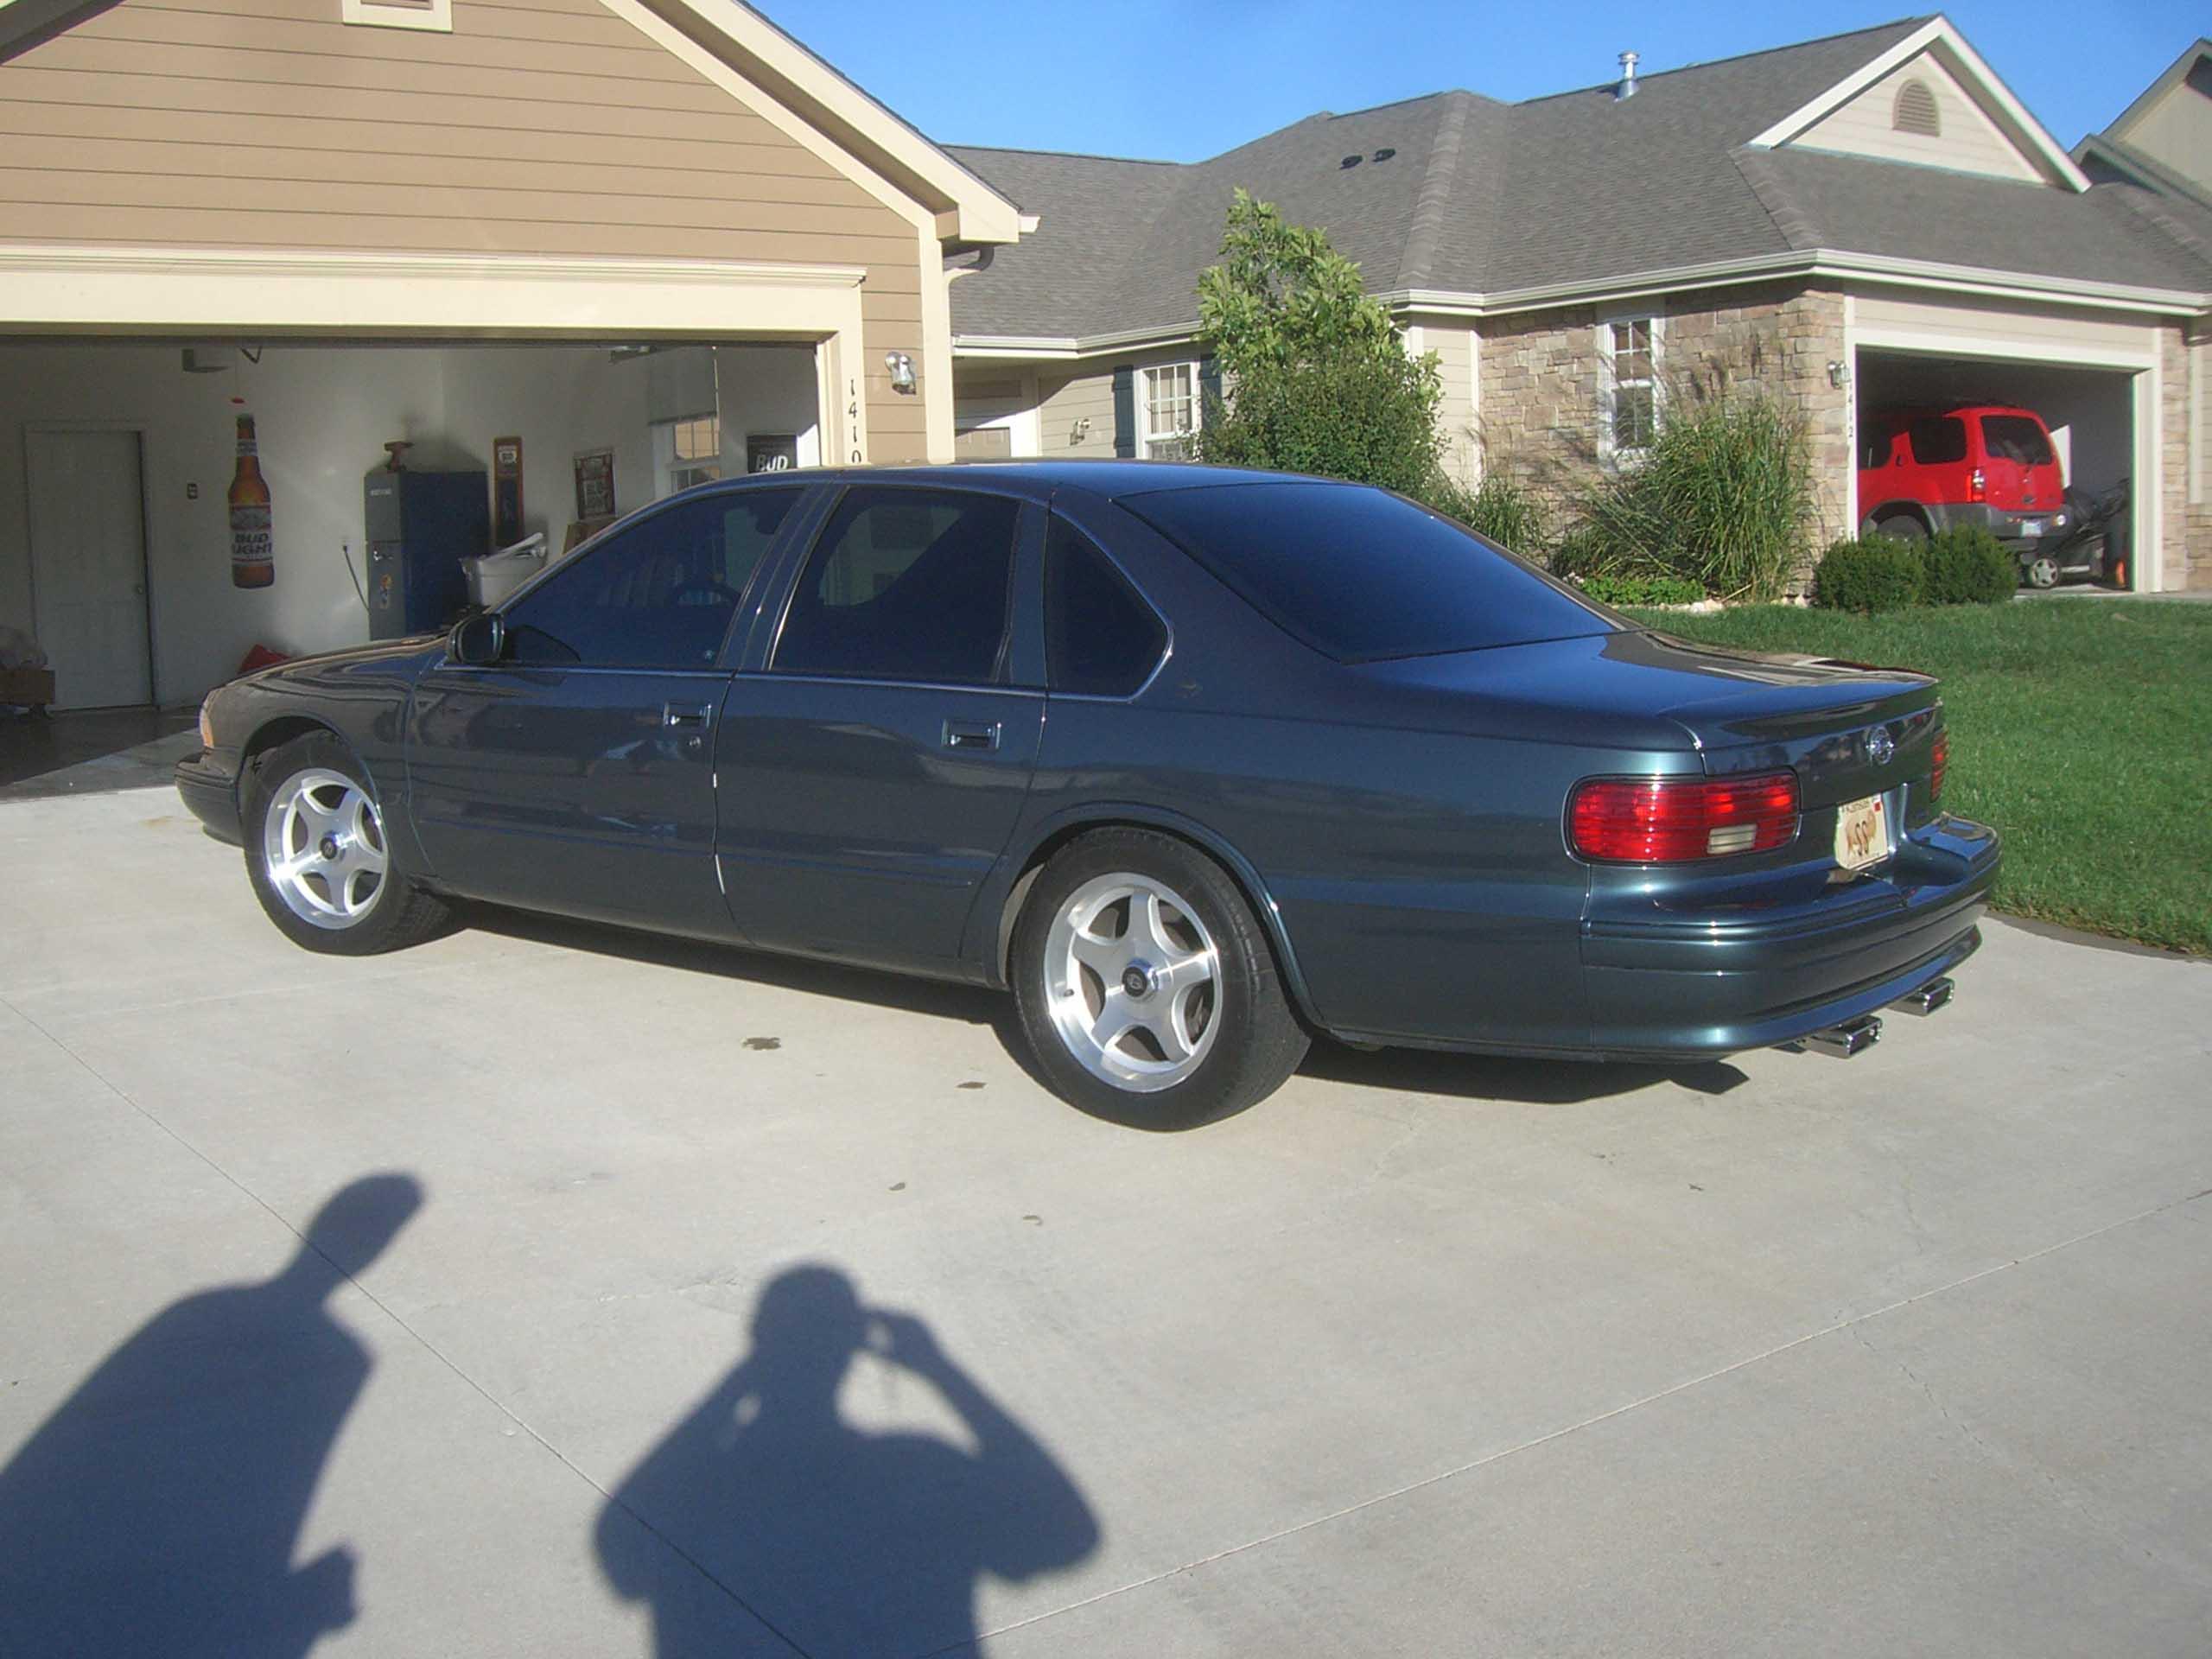 I have a 1995 impala ss trades back angle